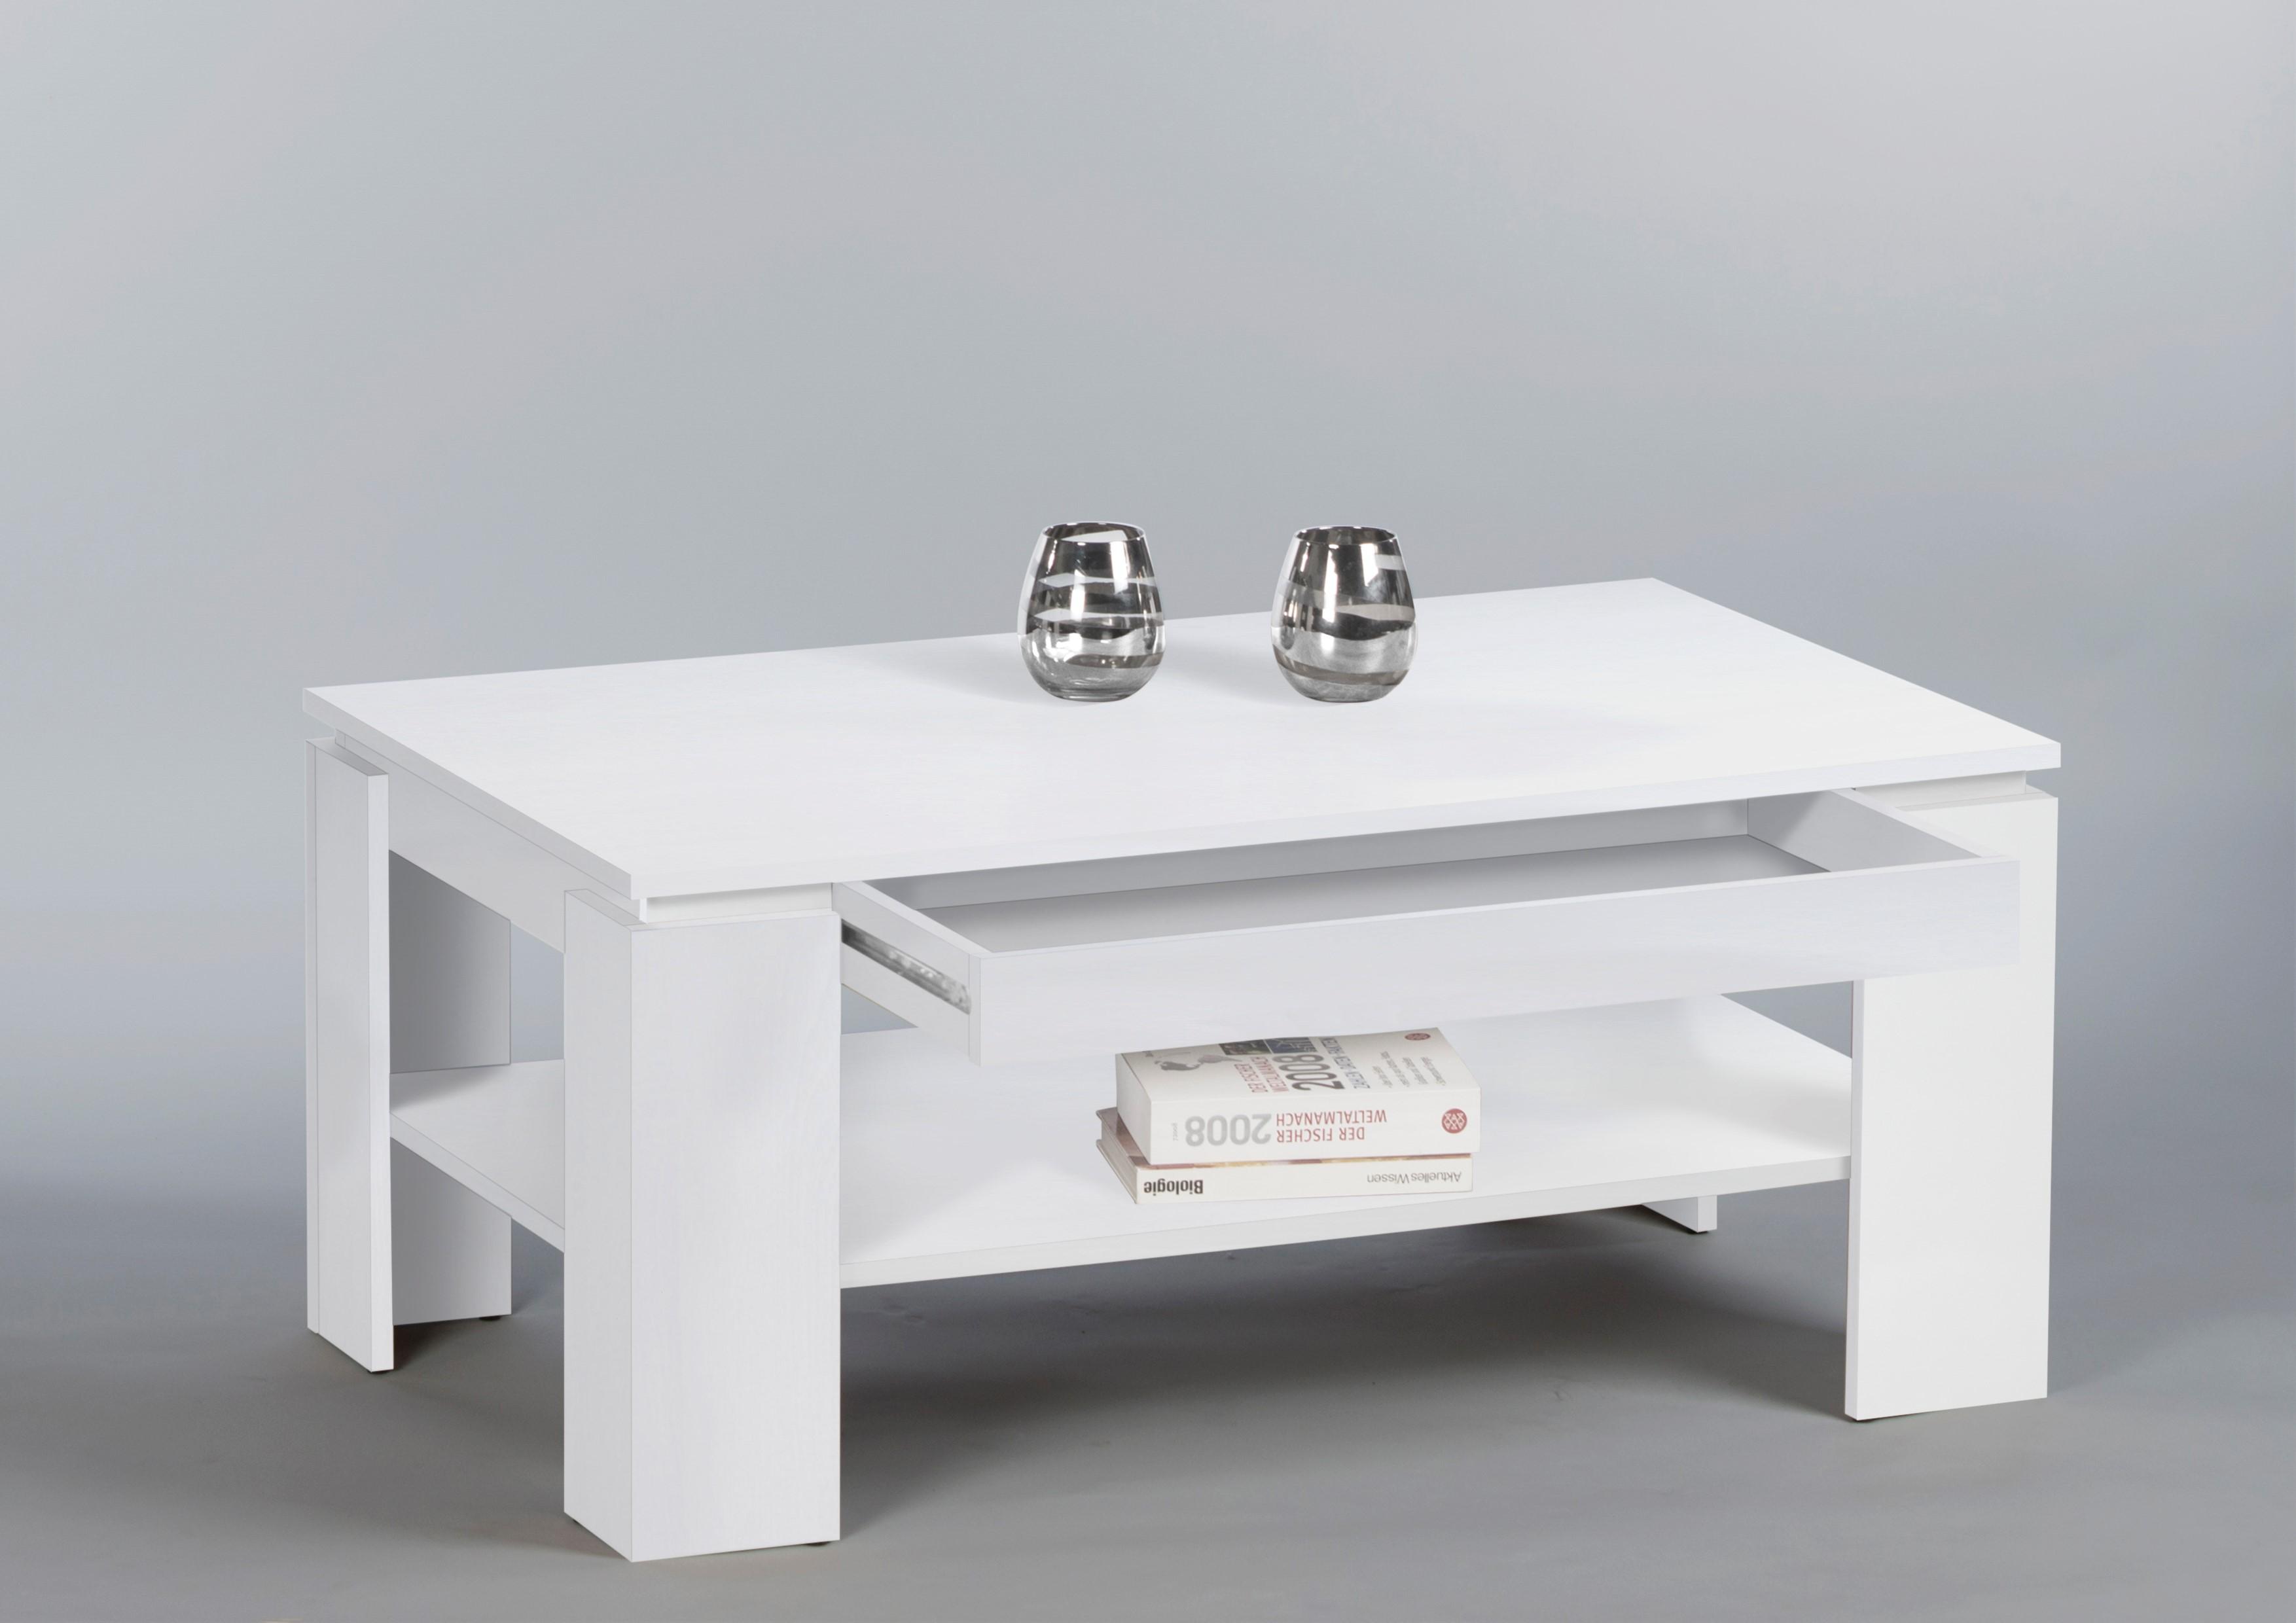 couchtisch harrison beistelltisch wohnzimmertisch tisch. Black Bedroom Furniture Sets. Home Design Ideas